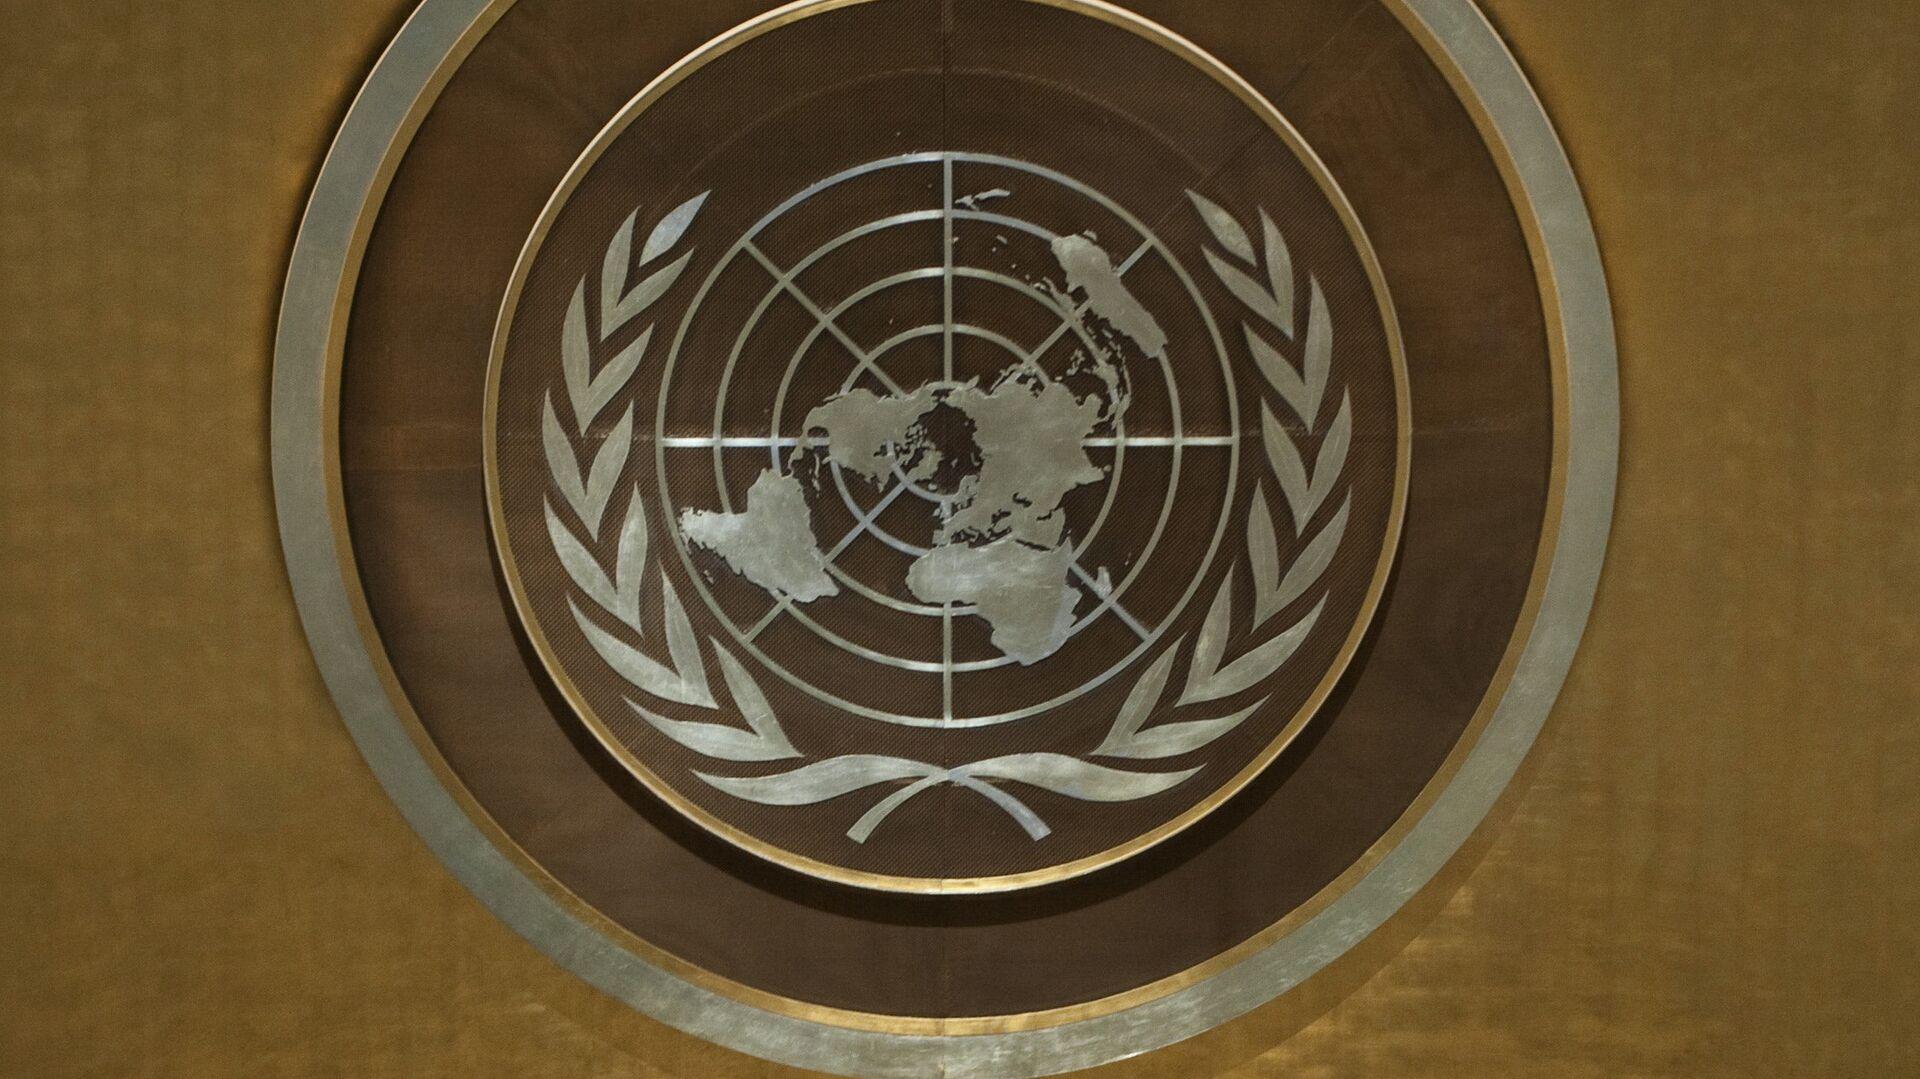 Эмблема ООН, архивное фото - Sputnik Таджикистан, 1920, 30.07.2021